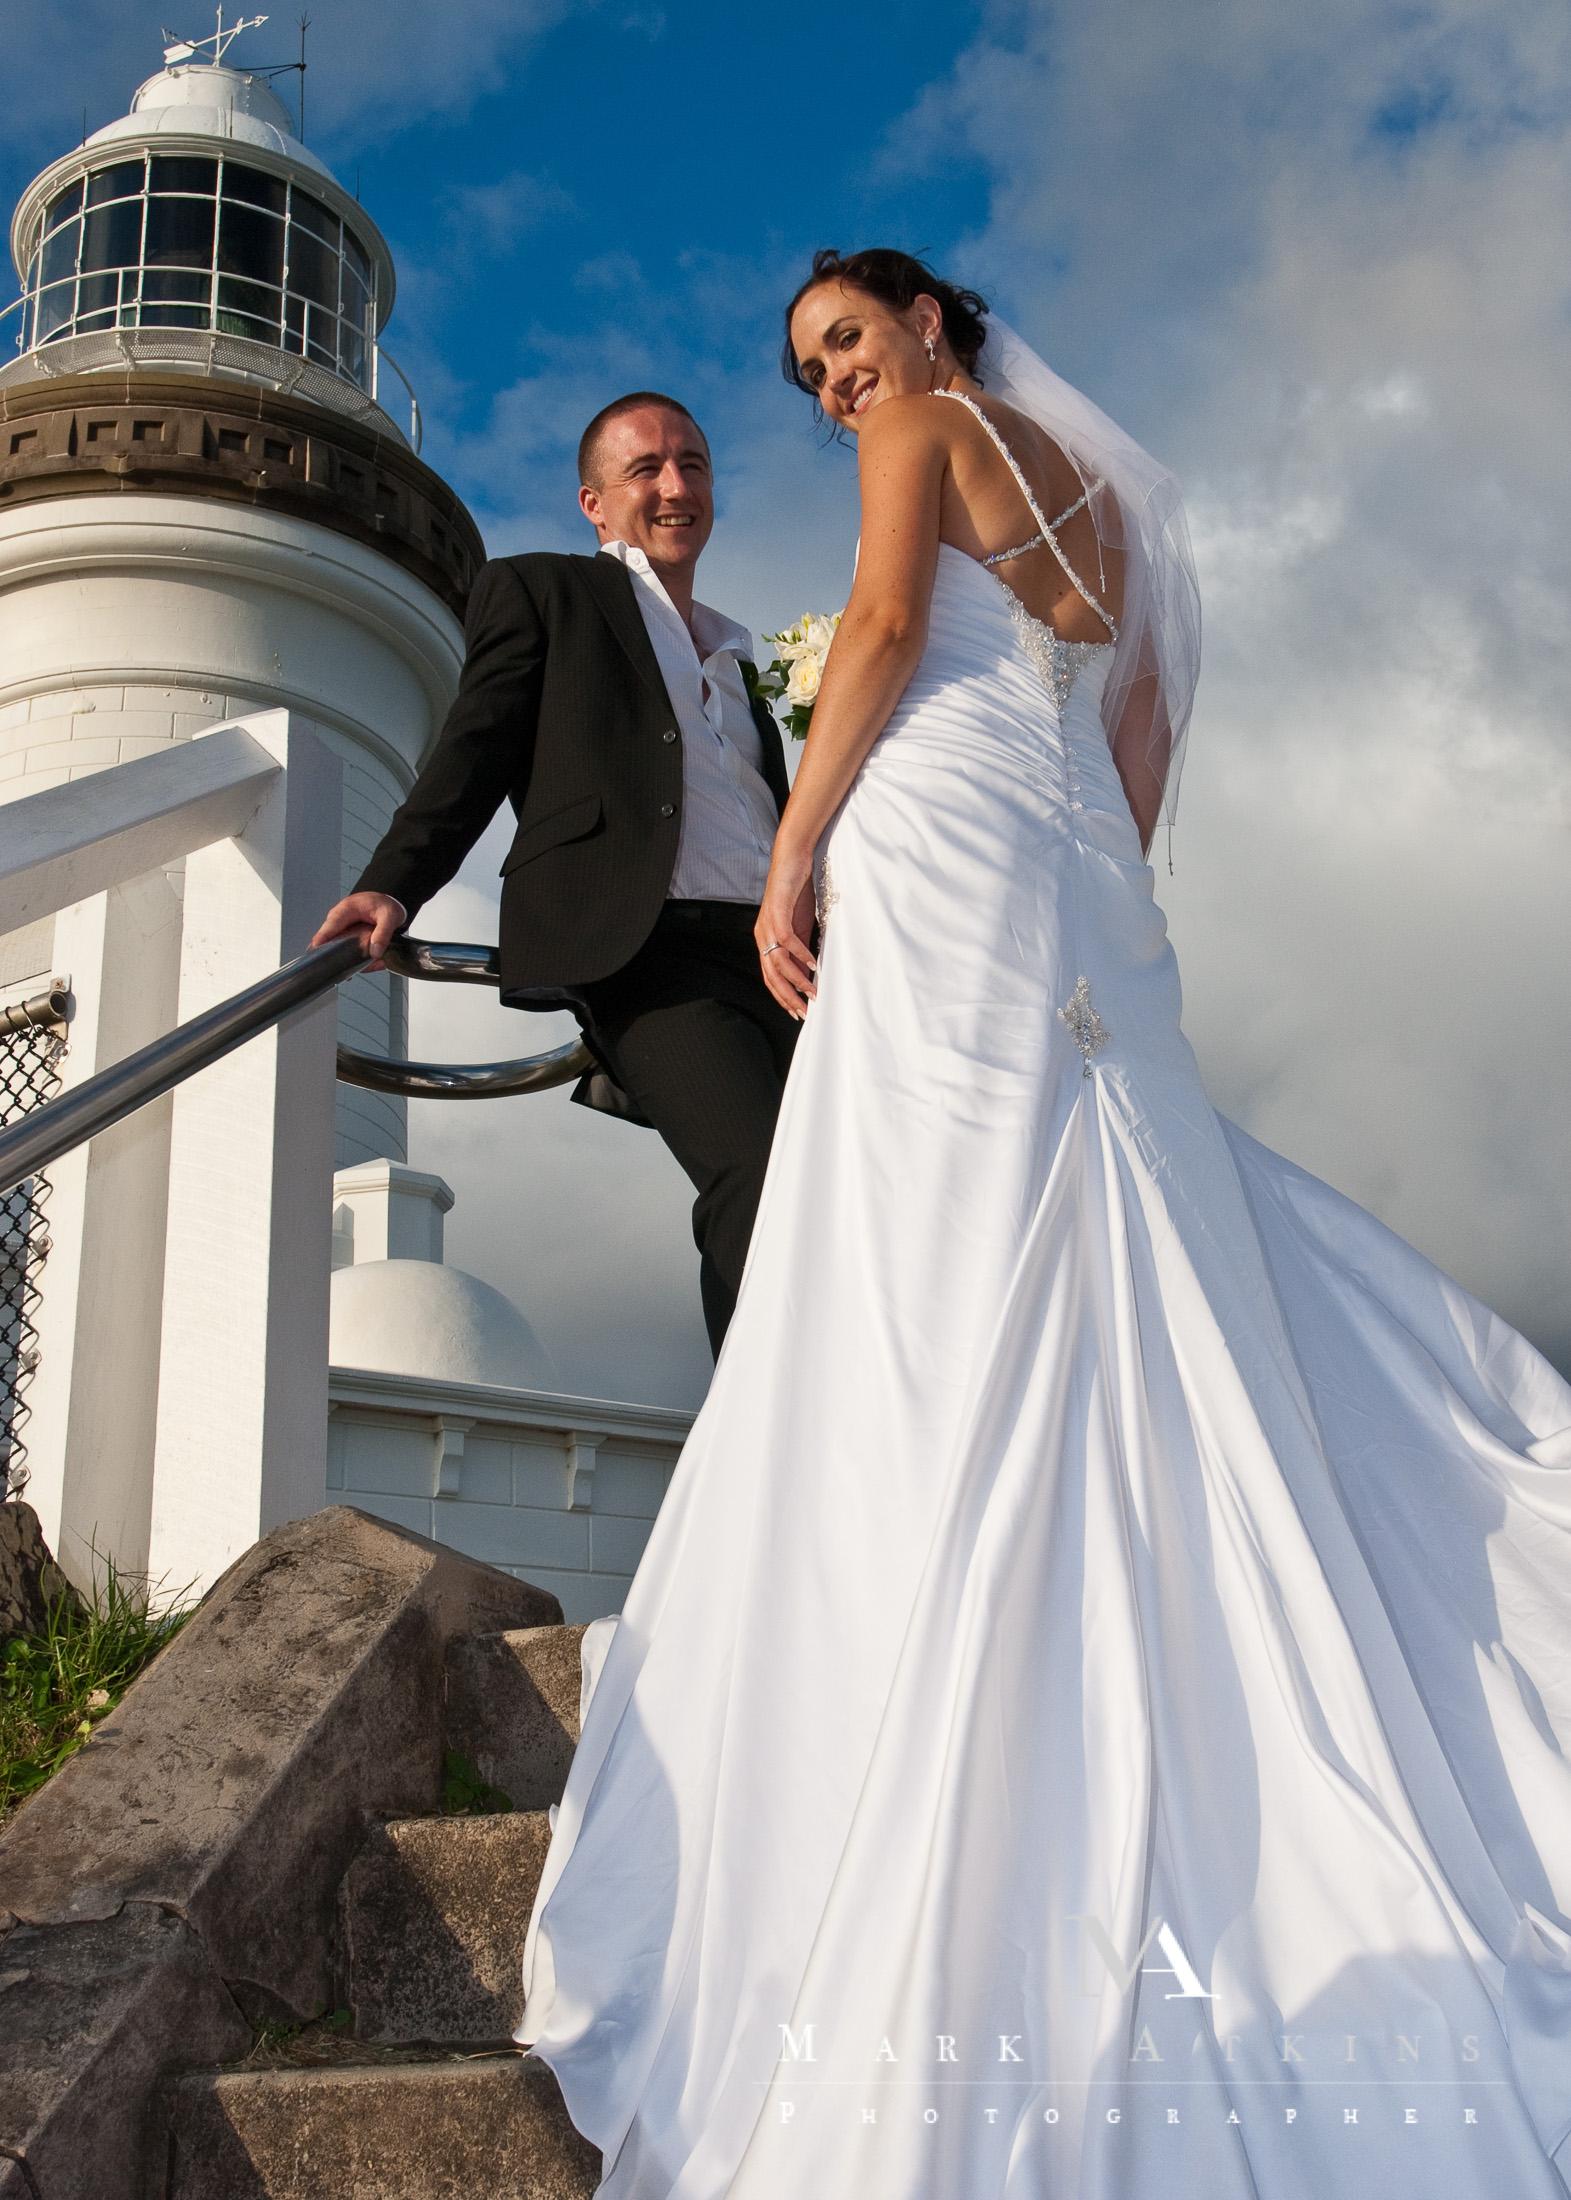 Byron Bay Beach Wedding Photography by Mark Atkins